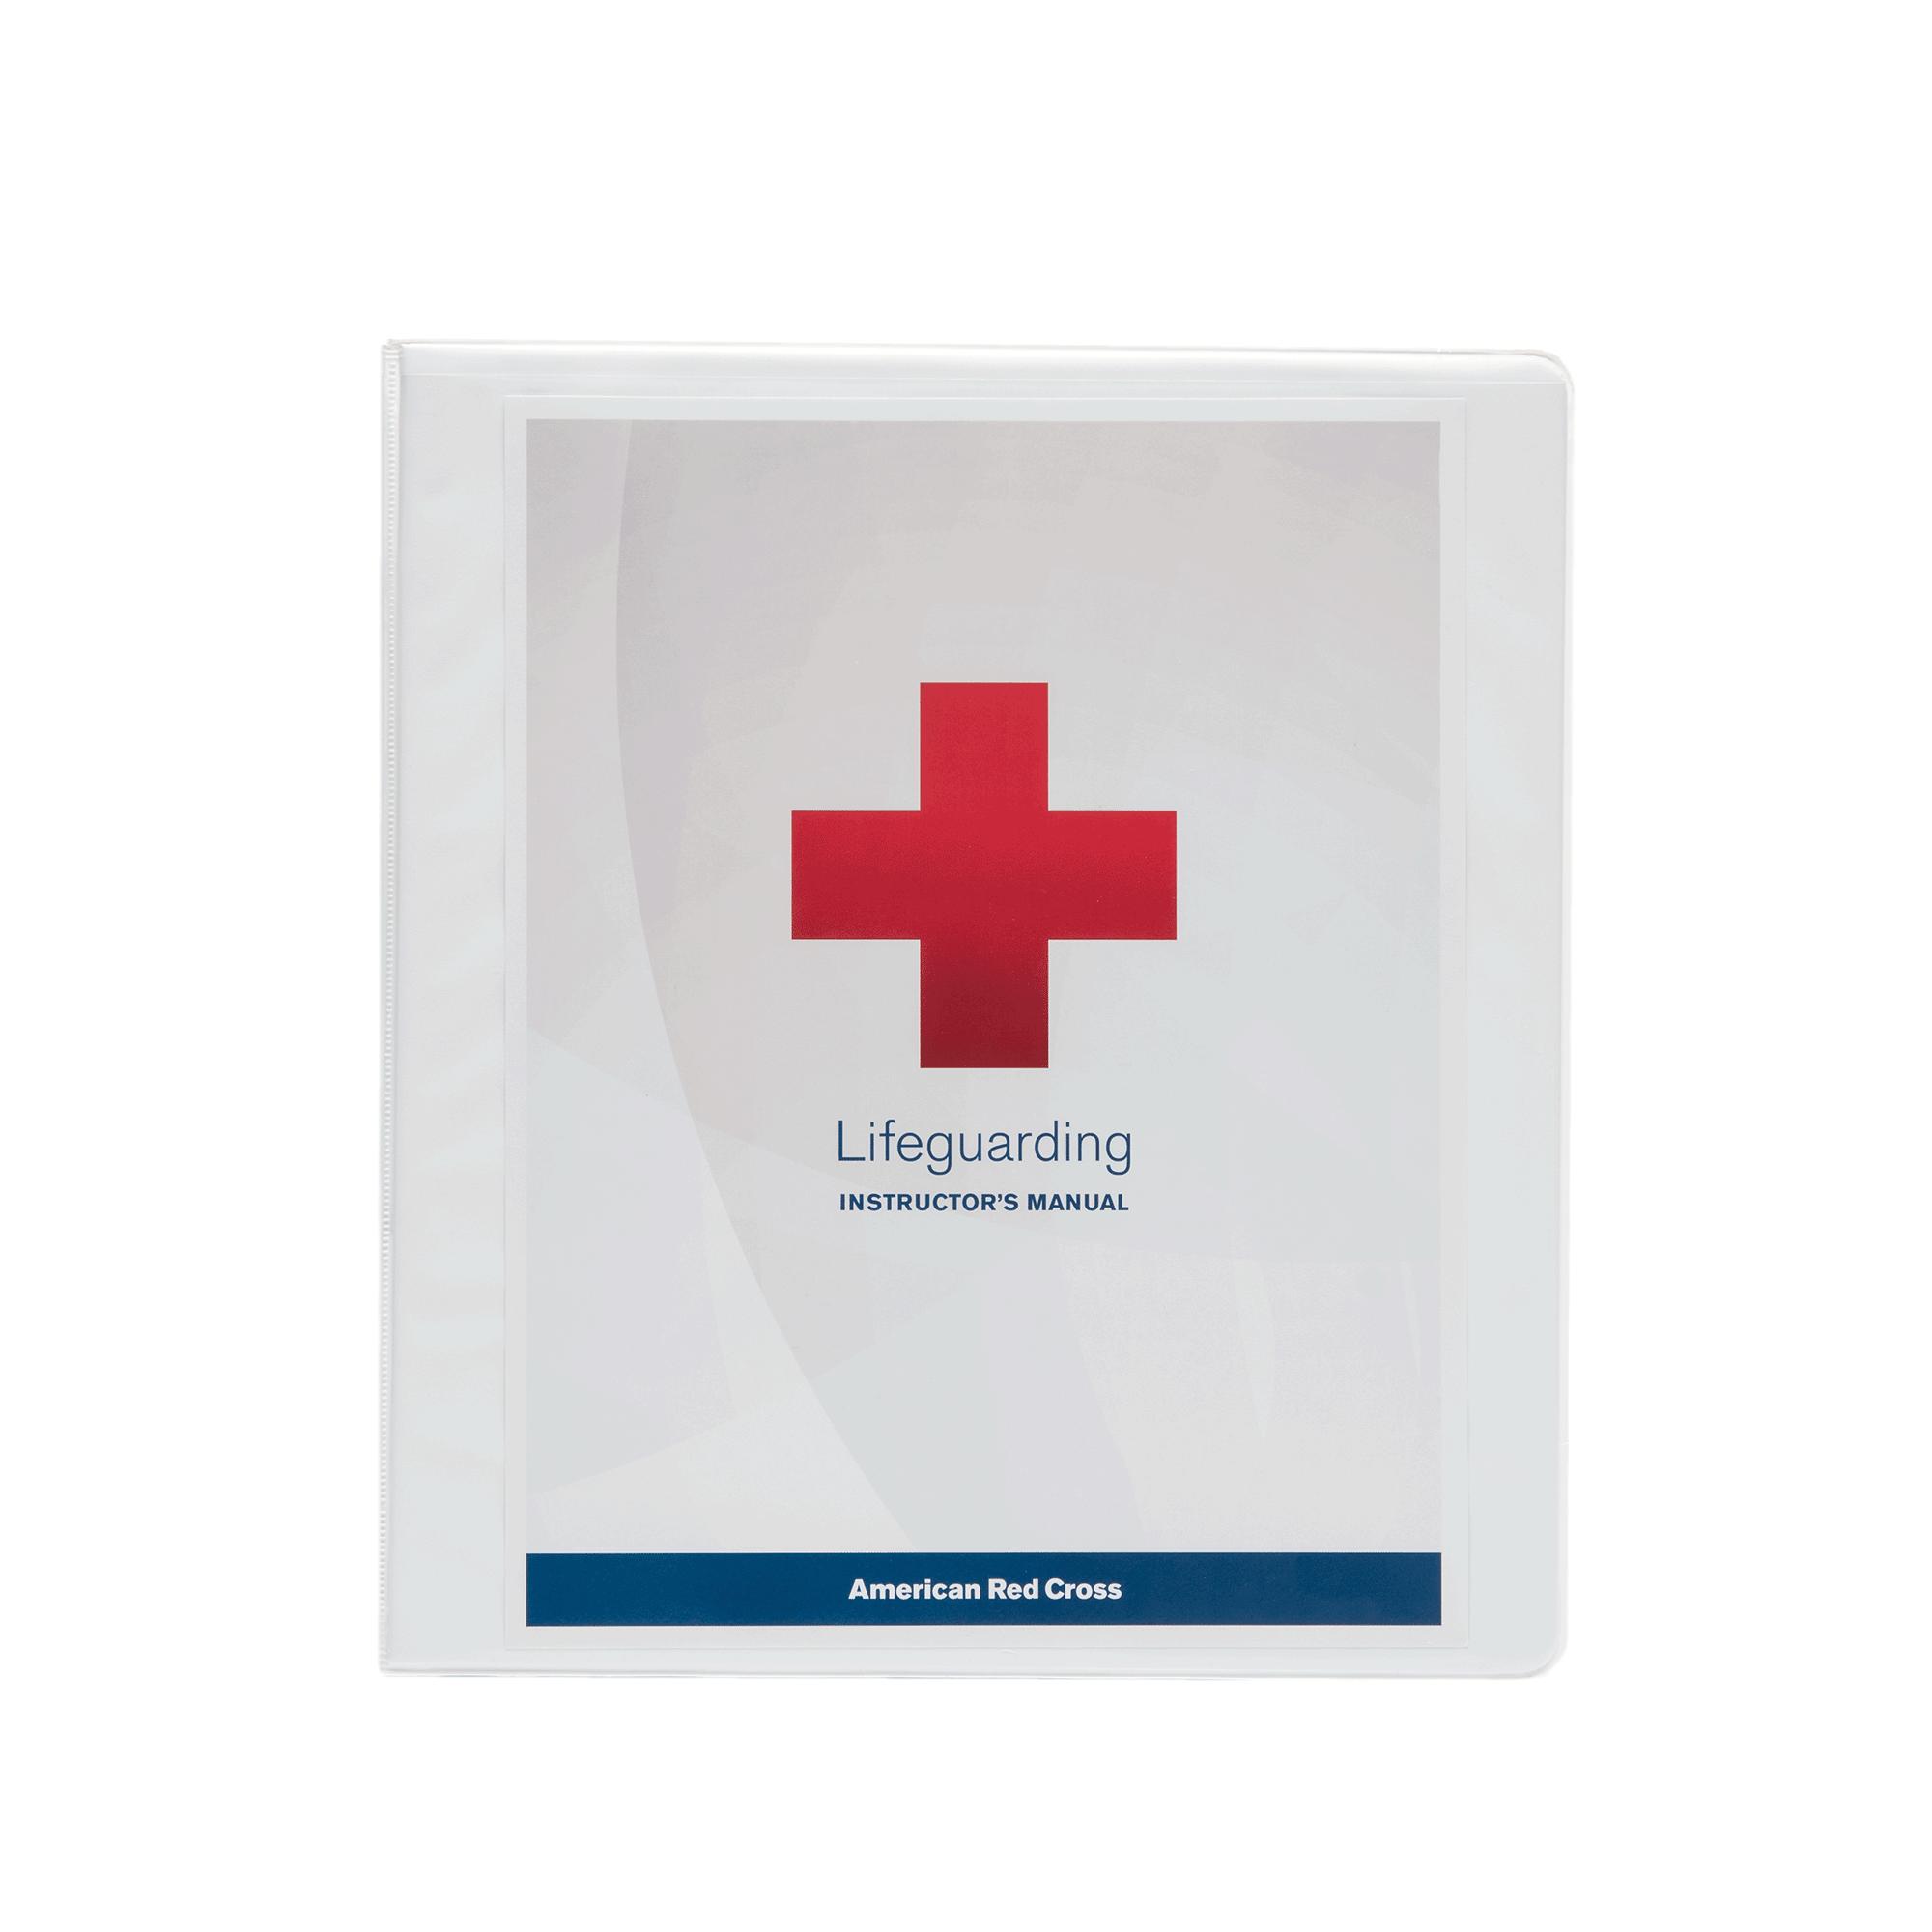 lifeguarding instructor s manual red cross store rh redcross org Red Cross ManualDownload Red Cross Lifeguard Book